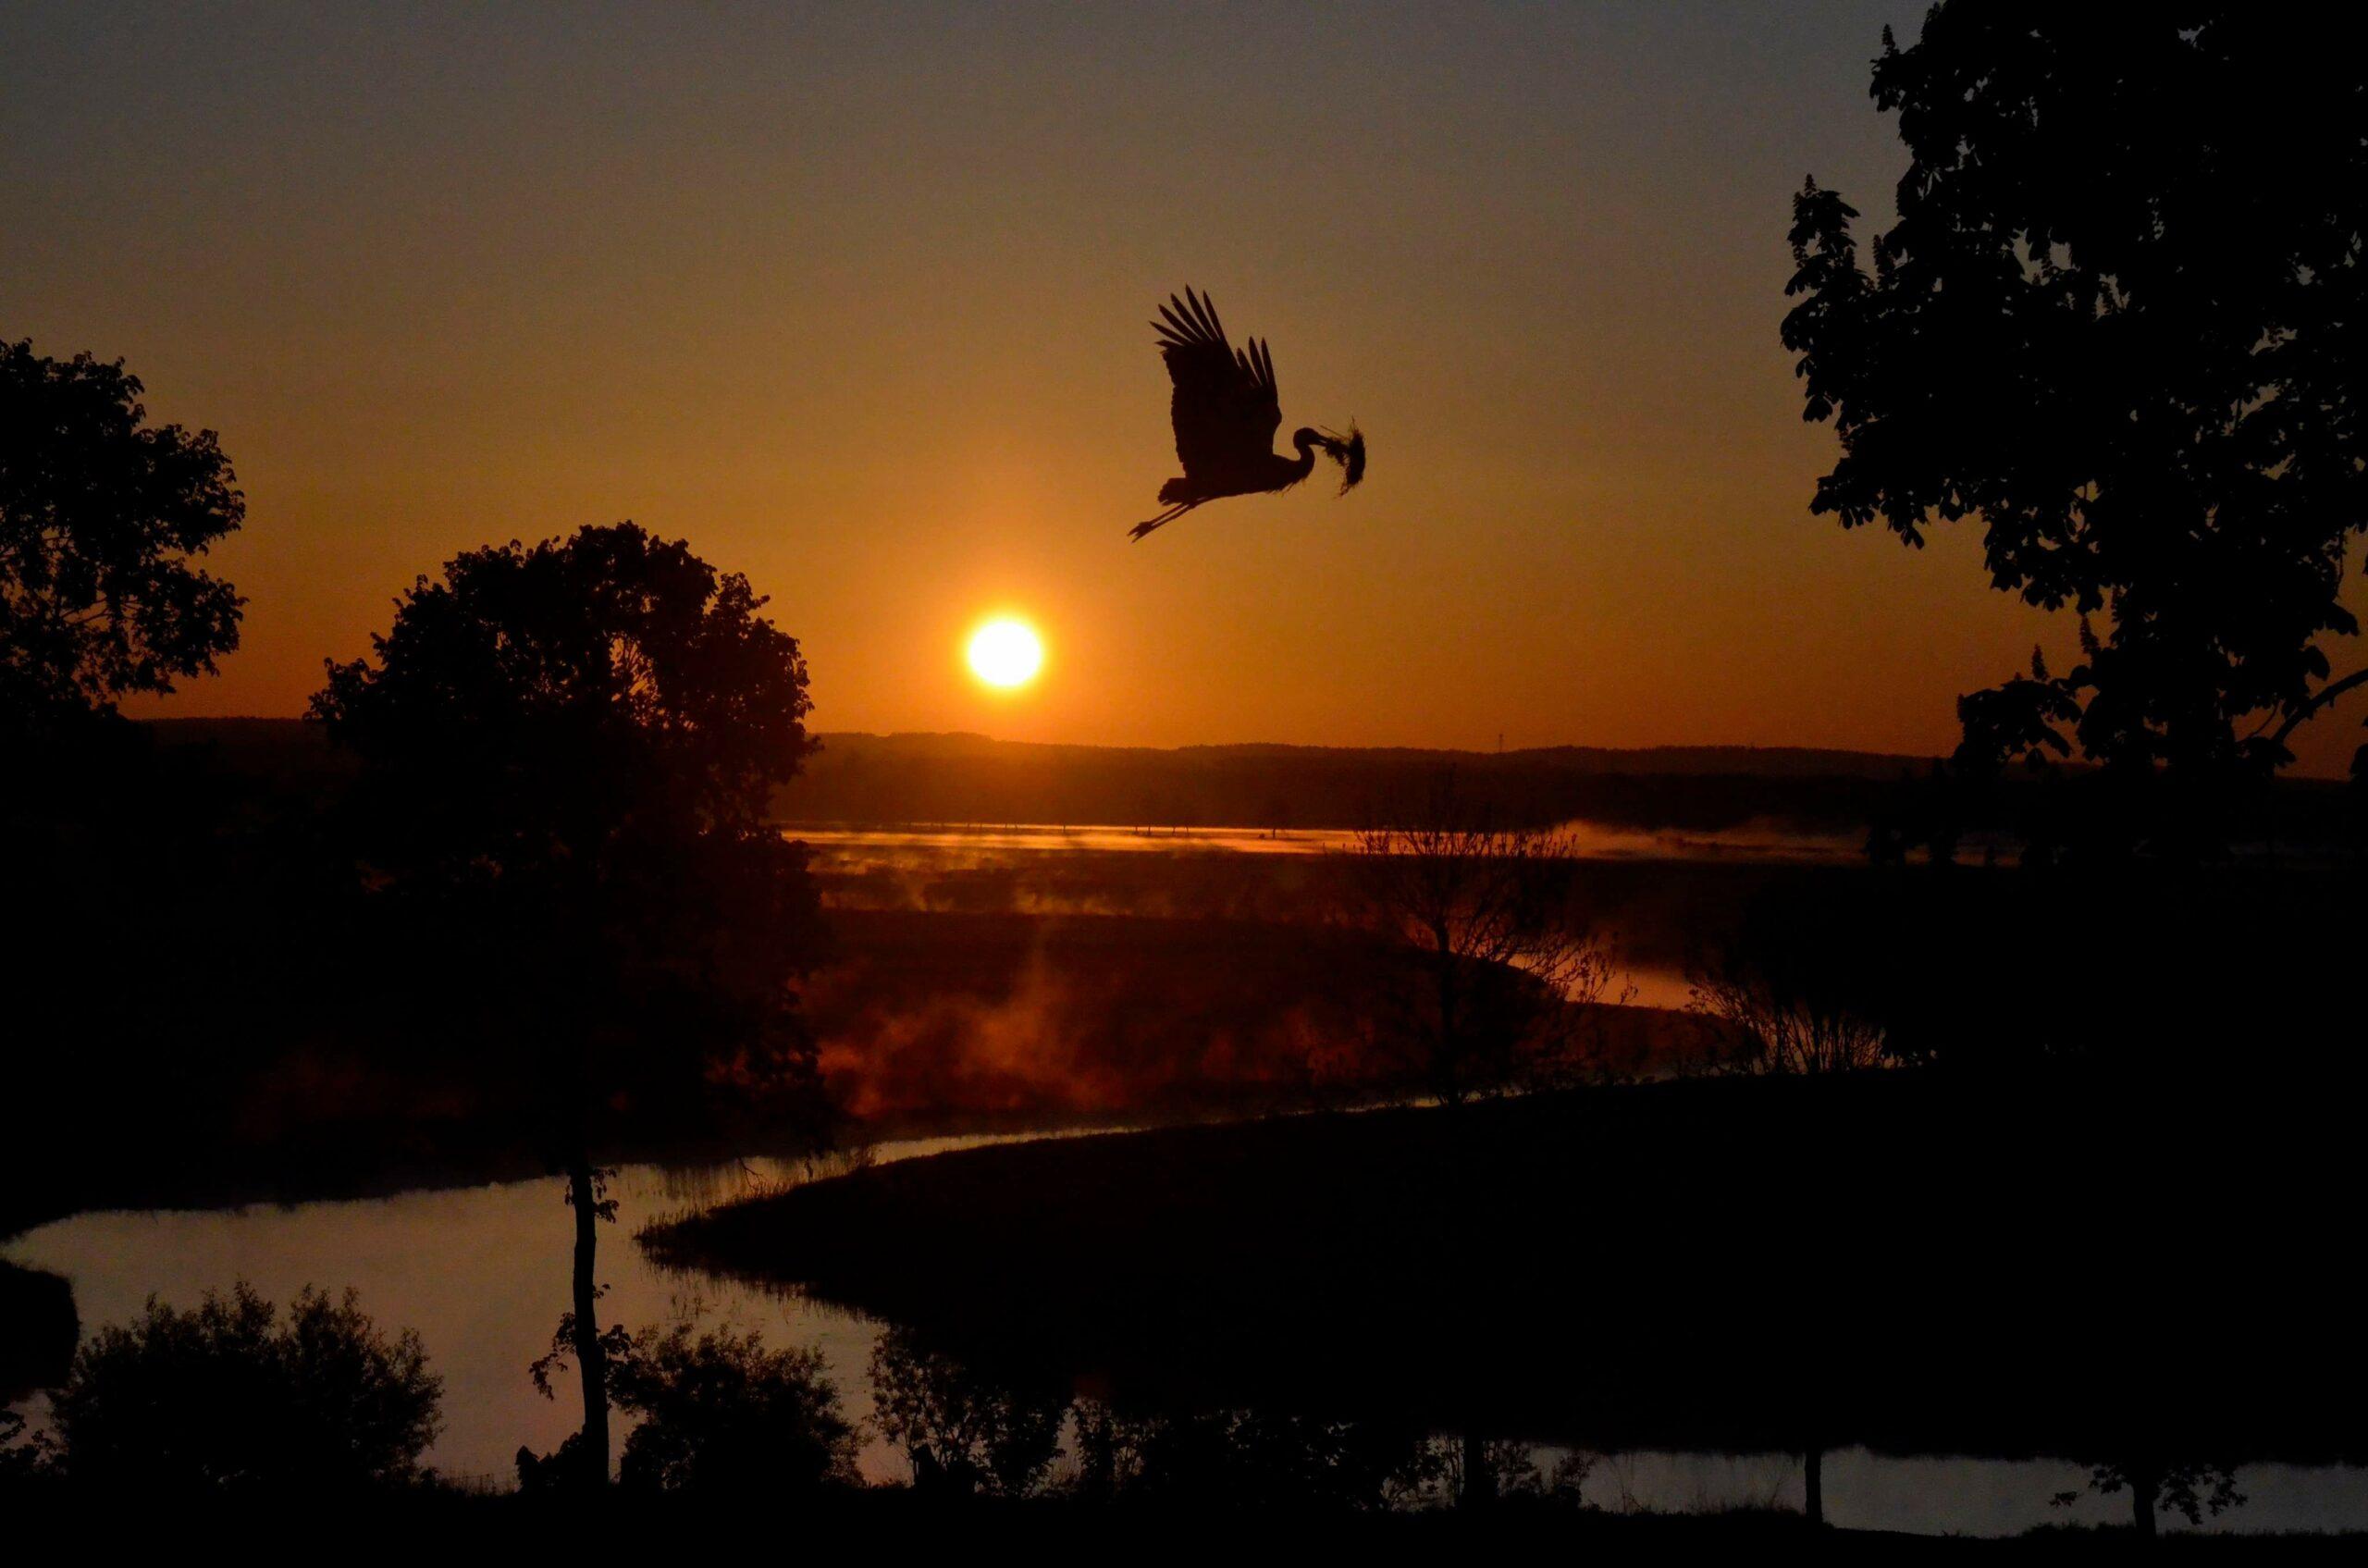 """Wyróżnienie, kategoria wiekowa powyżej 20 lat, podkategoria przyrodnicze zdjęcie krajobrazowe - Karolina Ostrowska """"Pracowity poranek"""""""